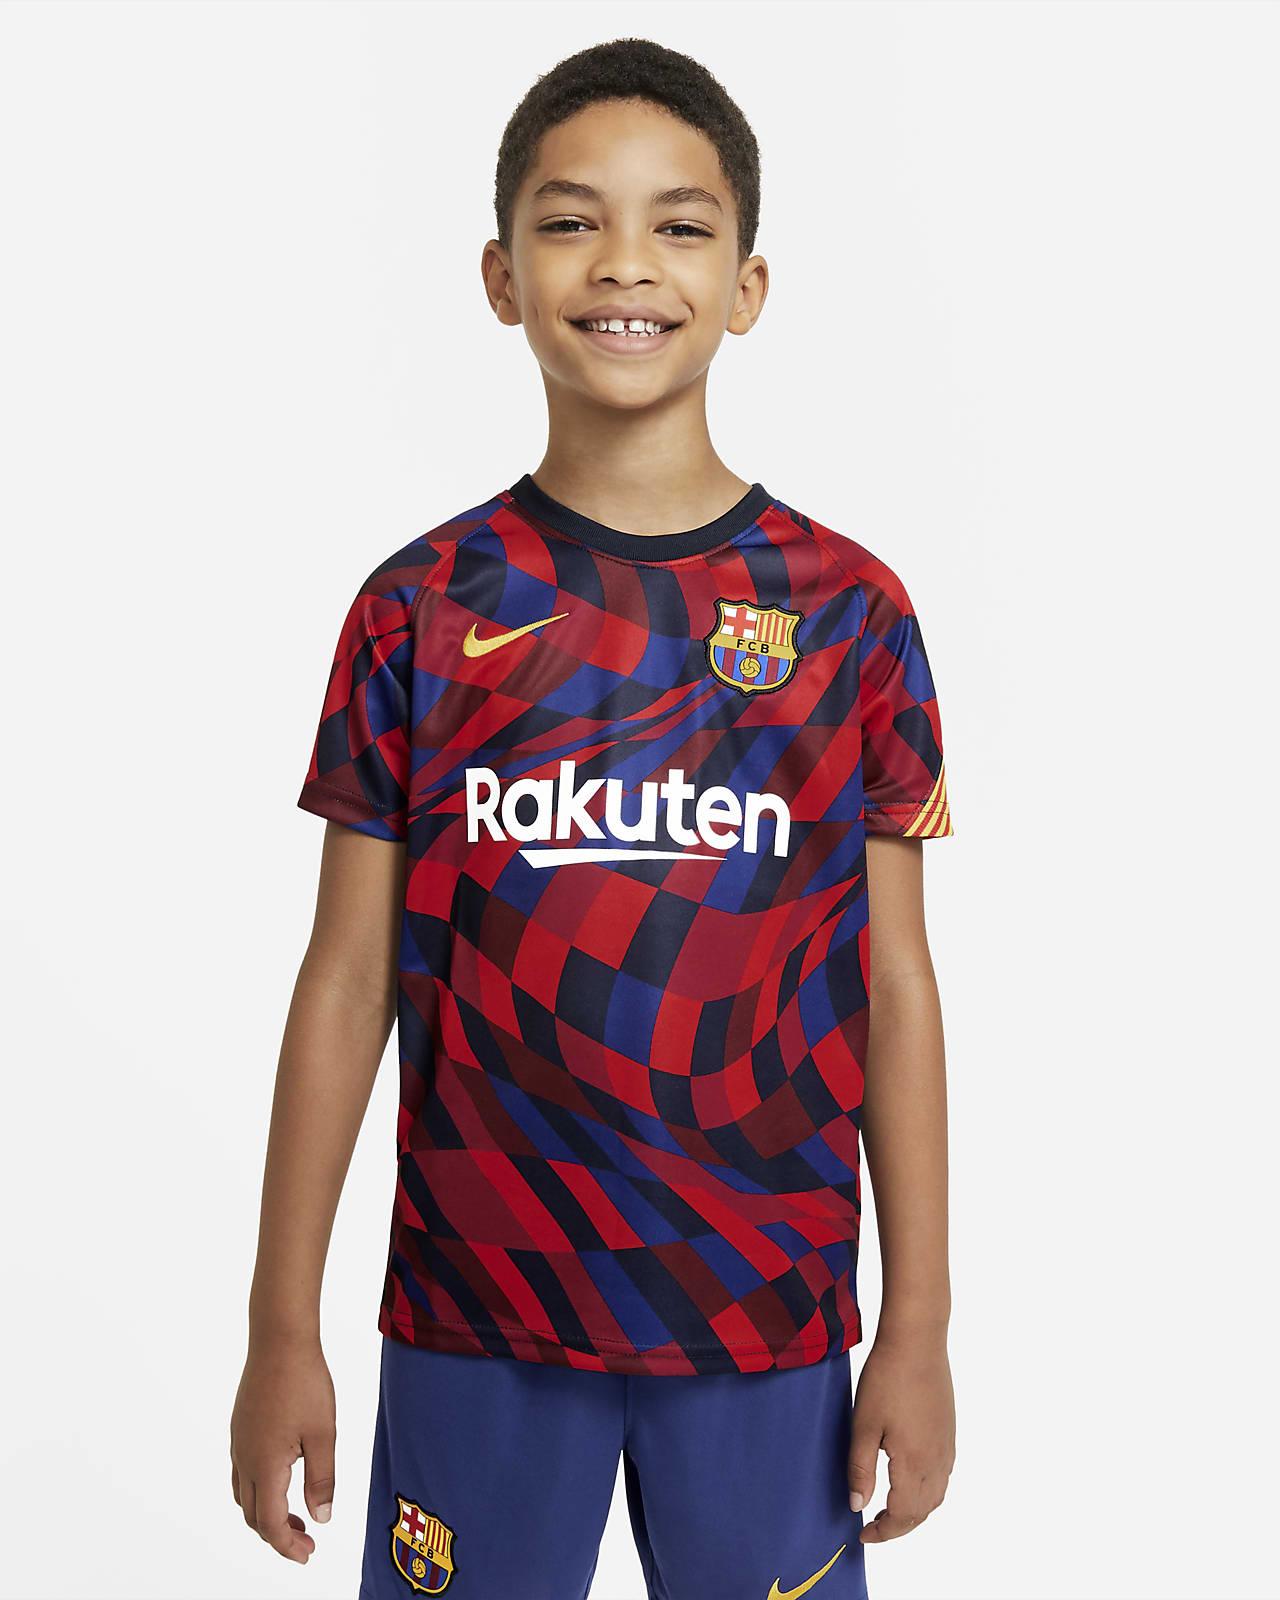 Κοντομάνικη ποδοσφαιρική μπλούζα Μπαρτσελόνα για μεγάλα παιδιά